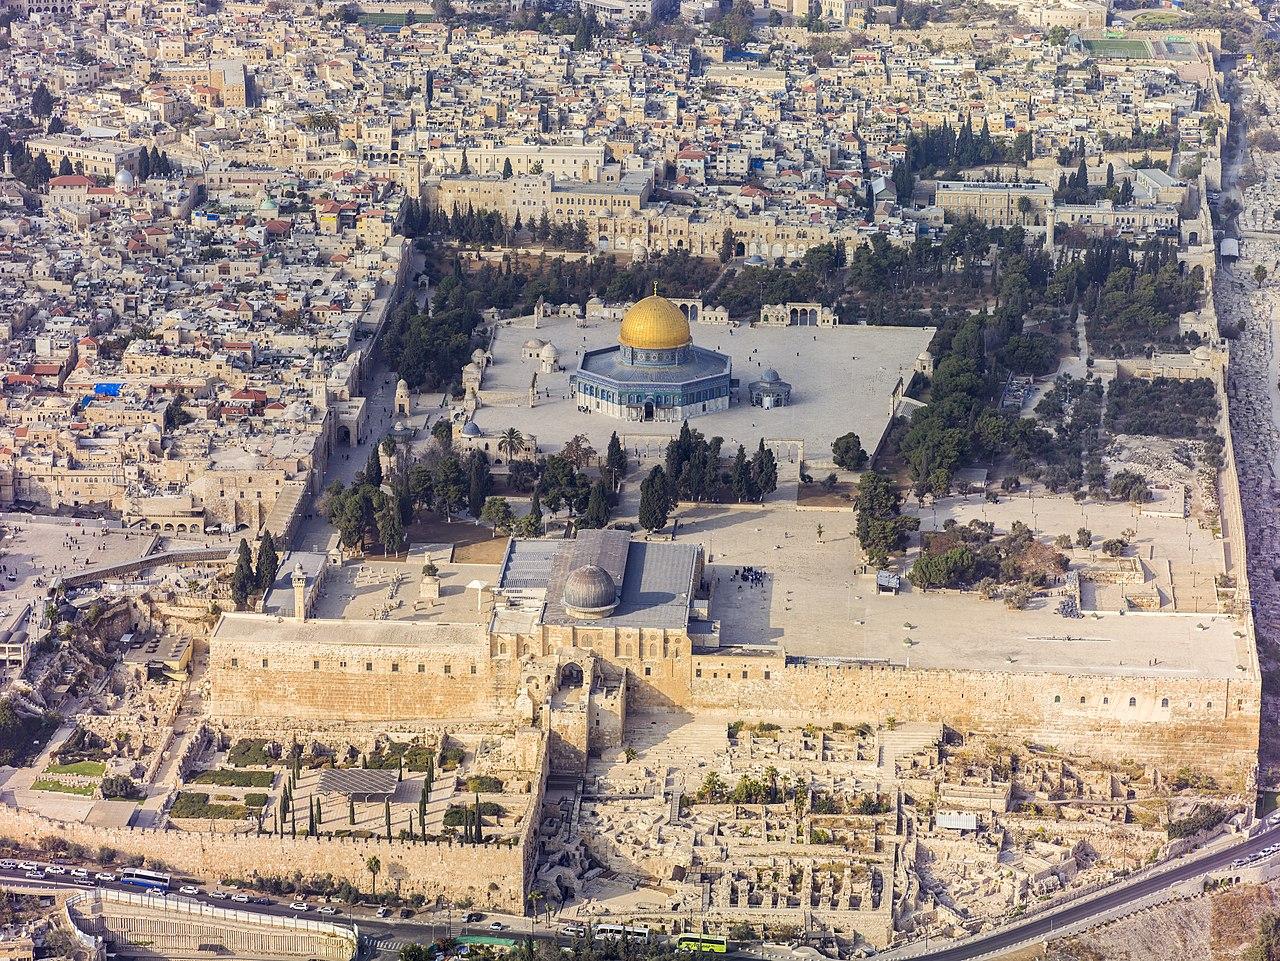 بالصور صور المسجد الاقصى , مشاهد للمسجد الاقصى 1437 6